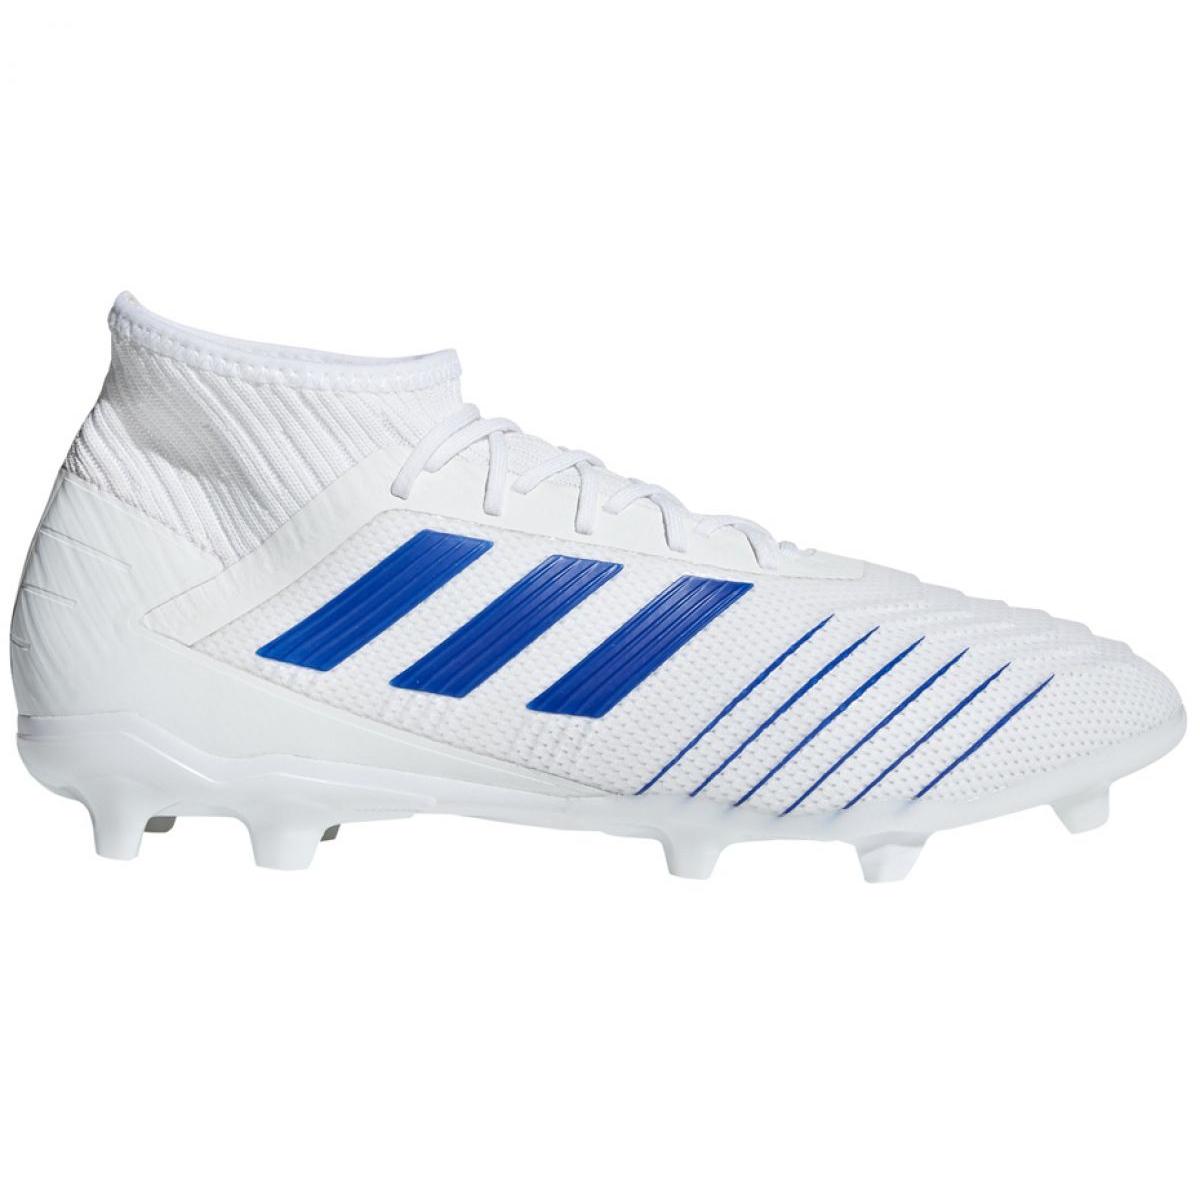 Chuteiras de futebol adidas Predator 19.2 Fg M D97941 branco branco, azul